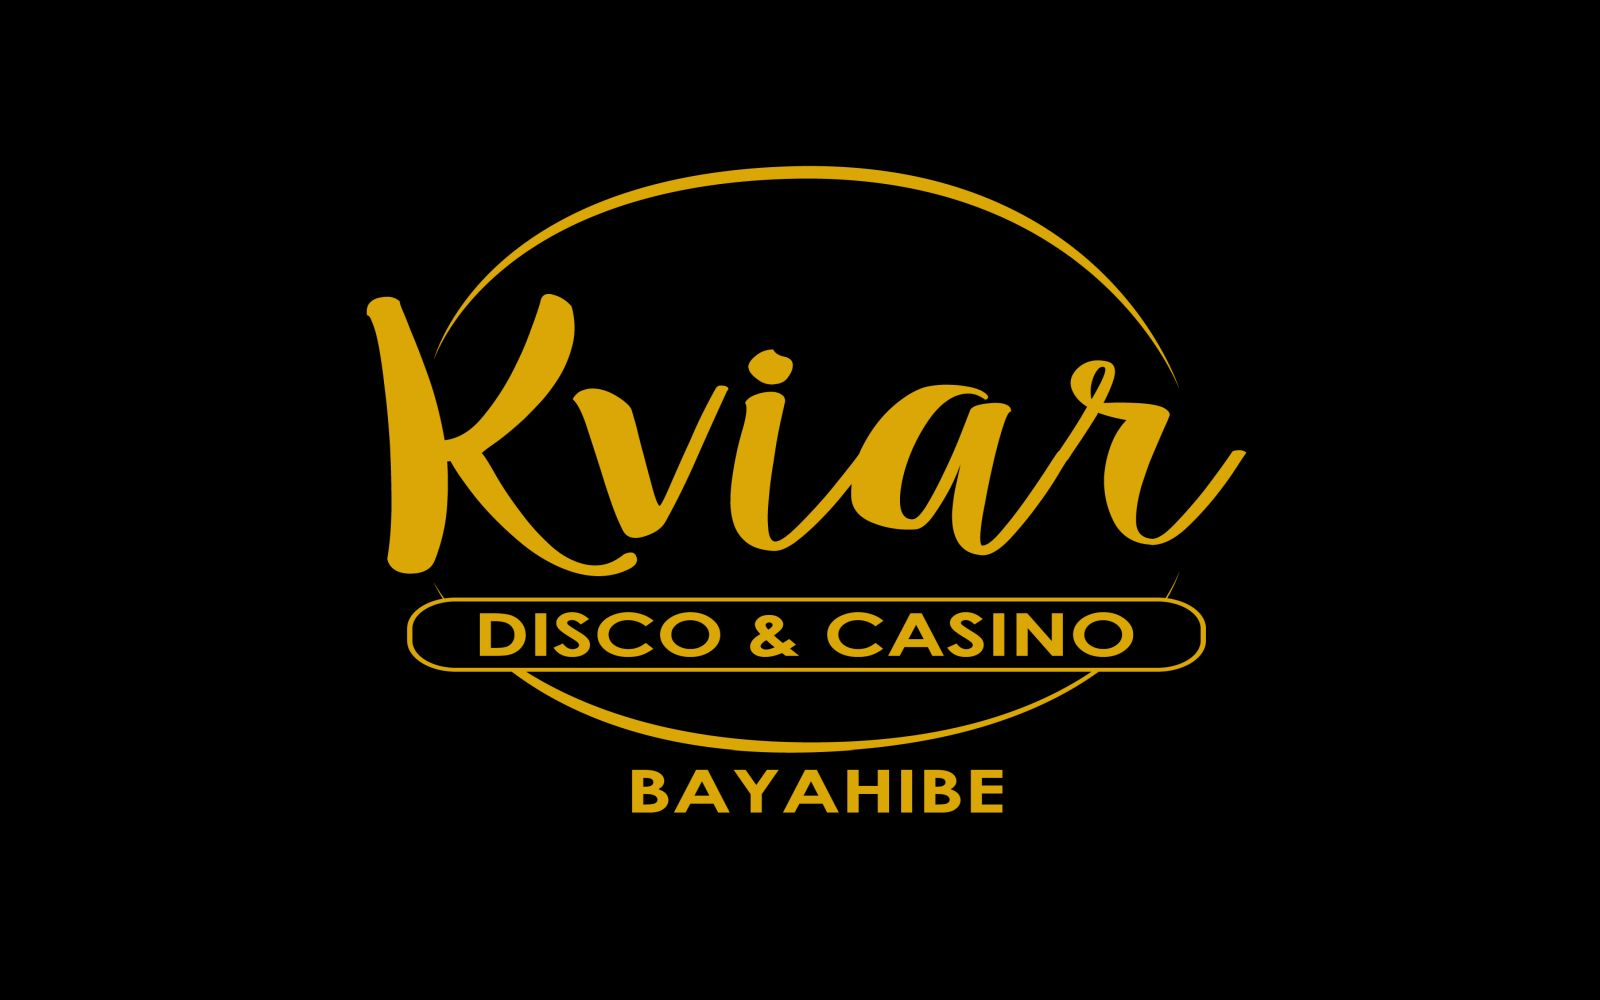 Kviar Bayahibe